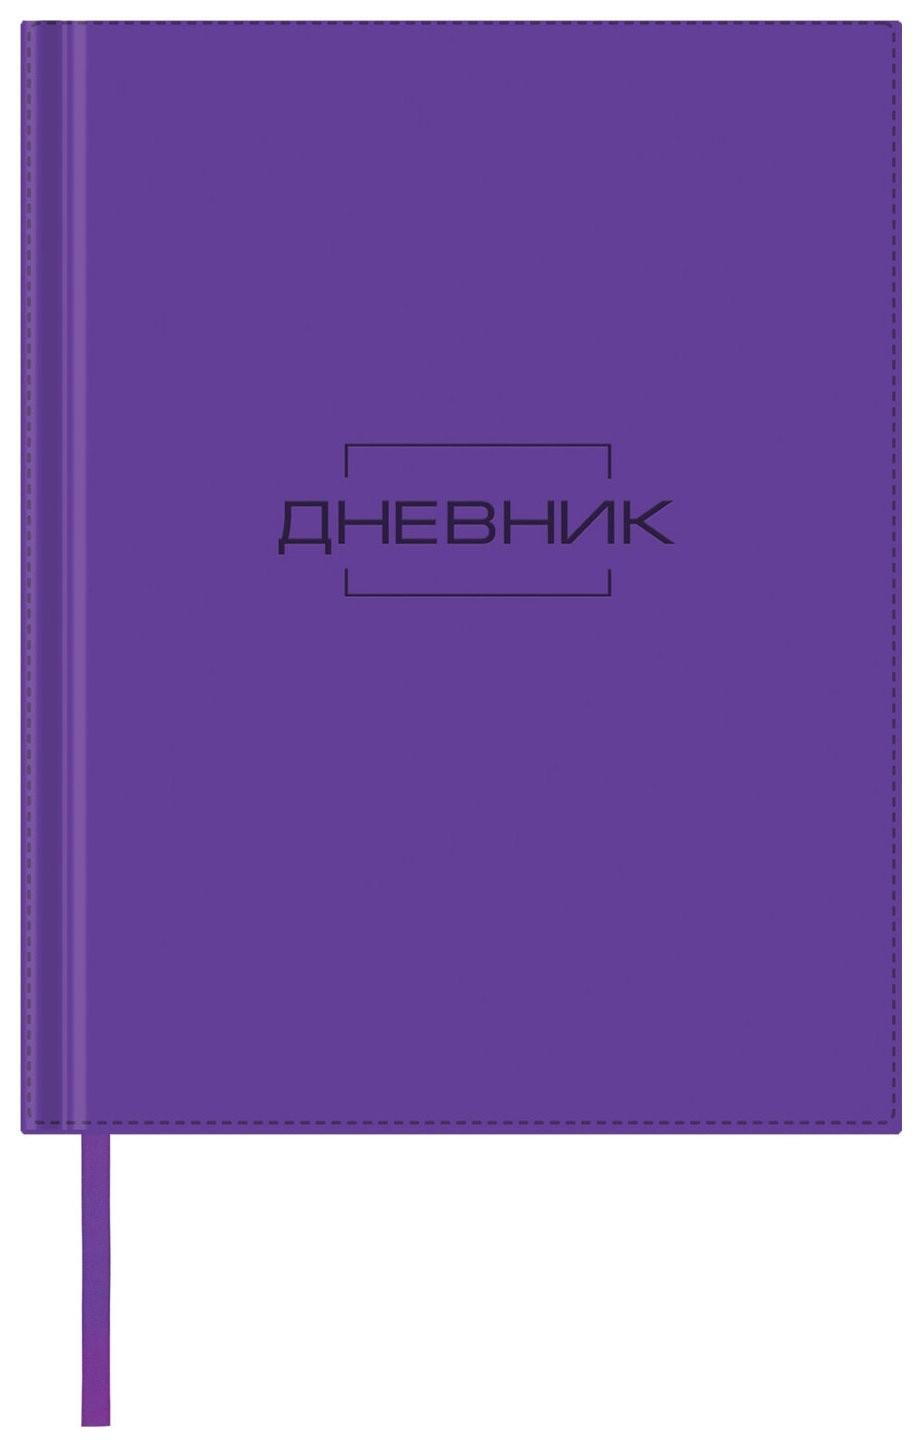 Дневник 1-11 класс 48 л., обложка кожзам, термотиснение, Latte, фиолетовый Brauberg